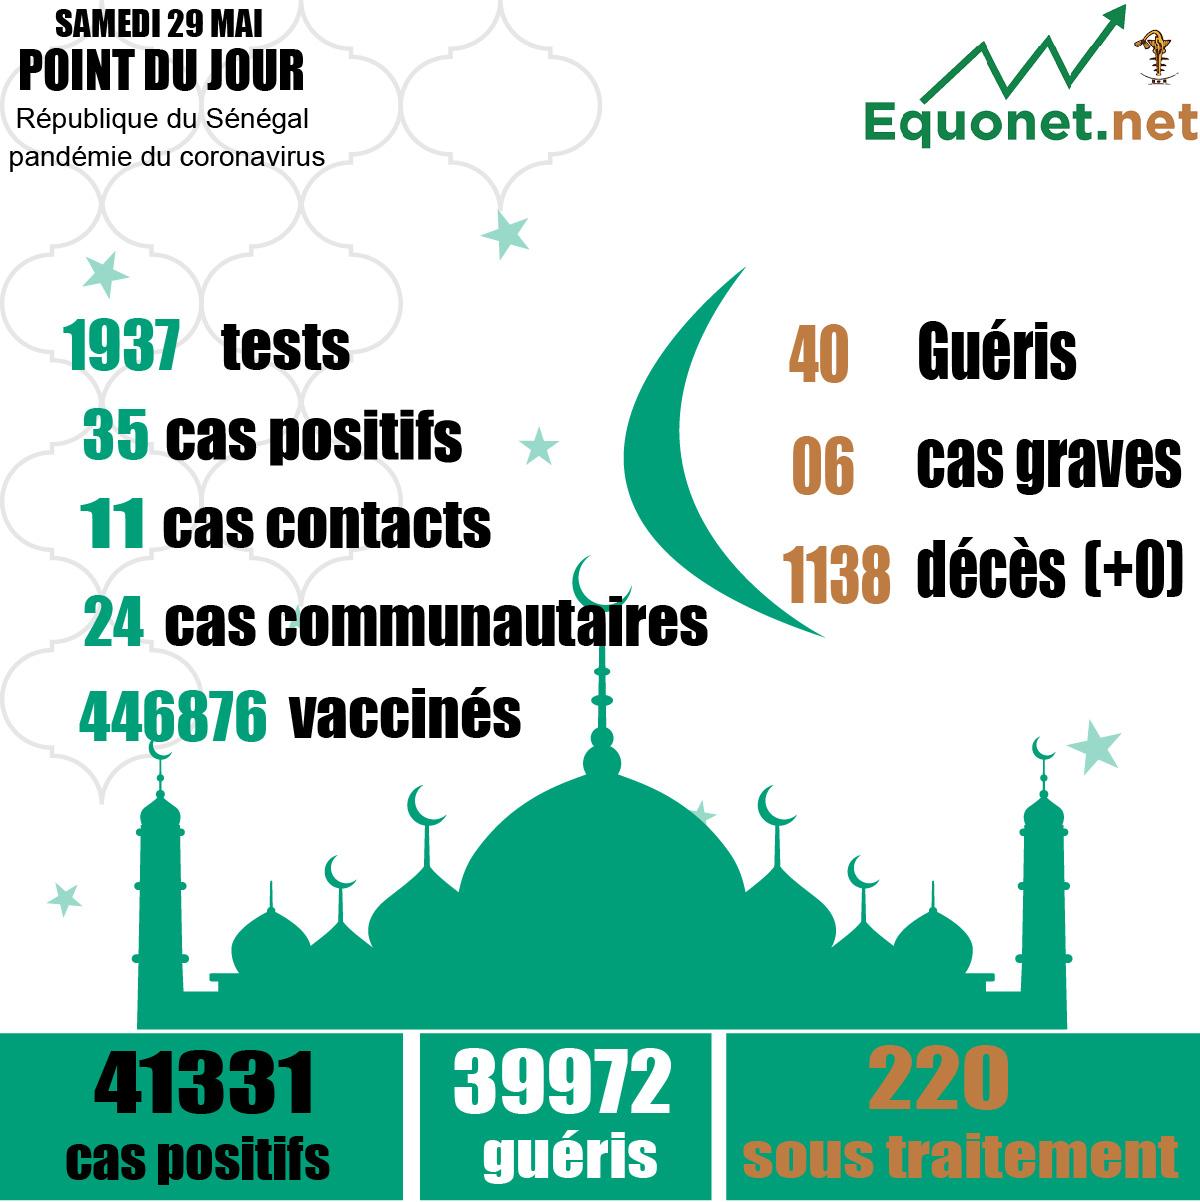 pandémie du coronavirus-covid-19 au sénégal : 24 cas communautaires et 00 décès enregistrés ce samedi 29 mai 2021